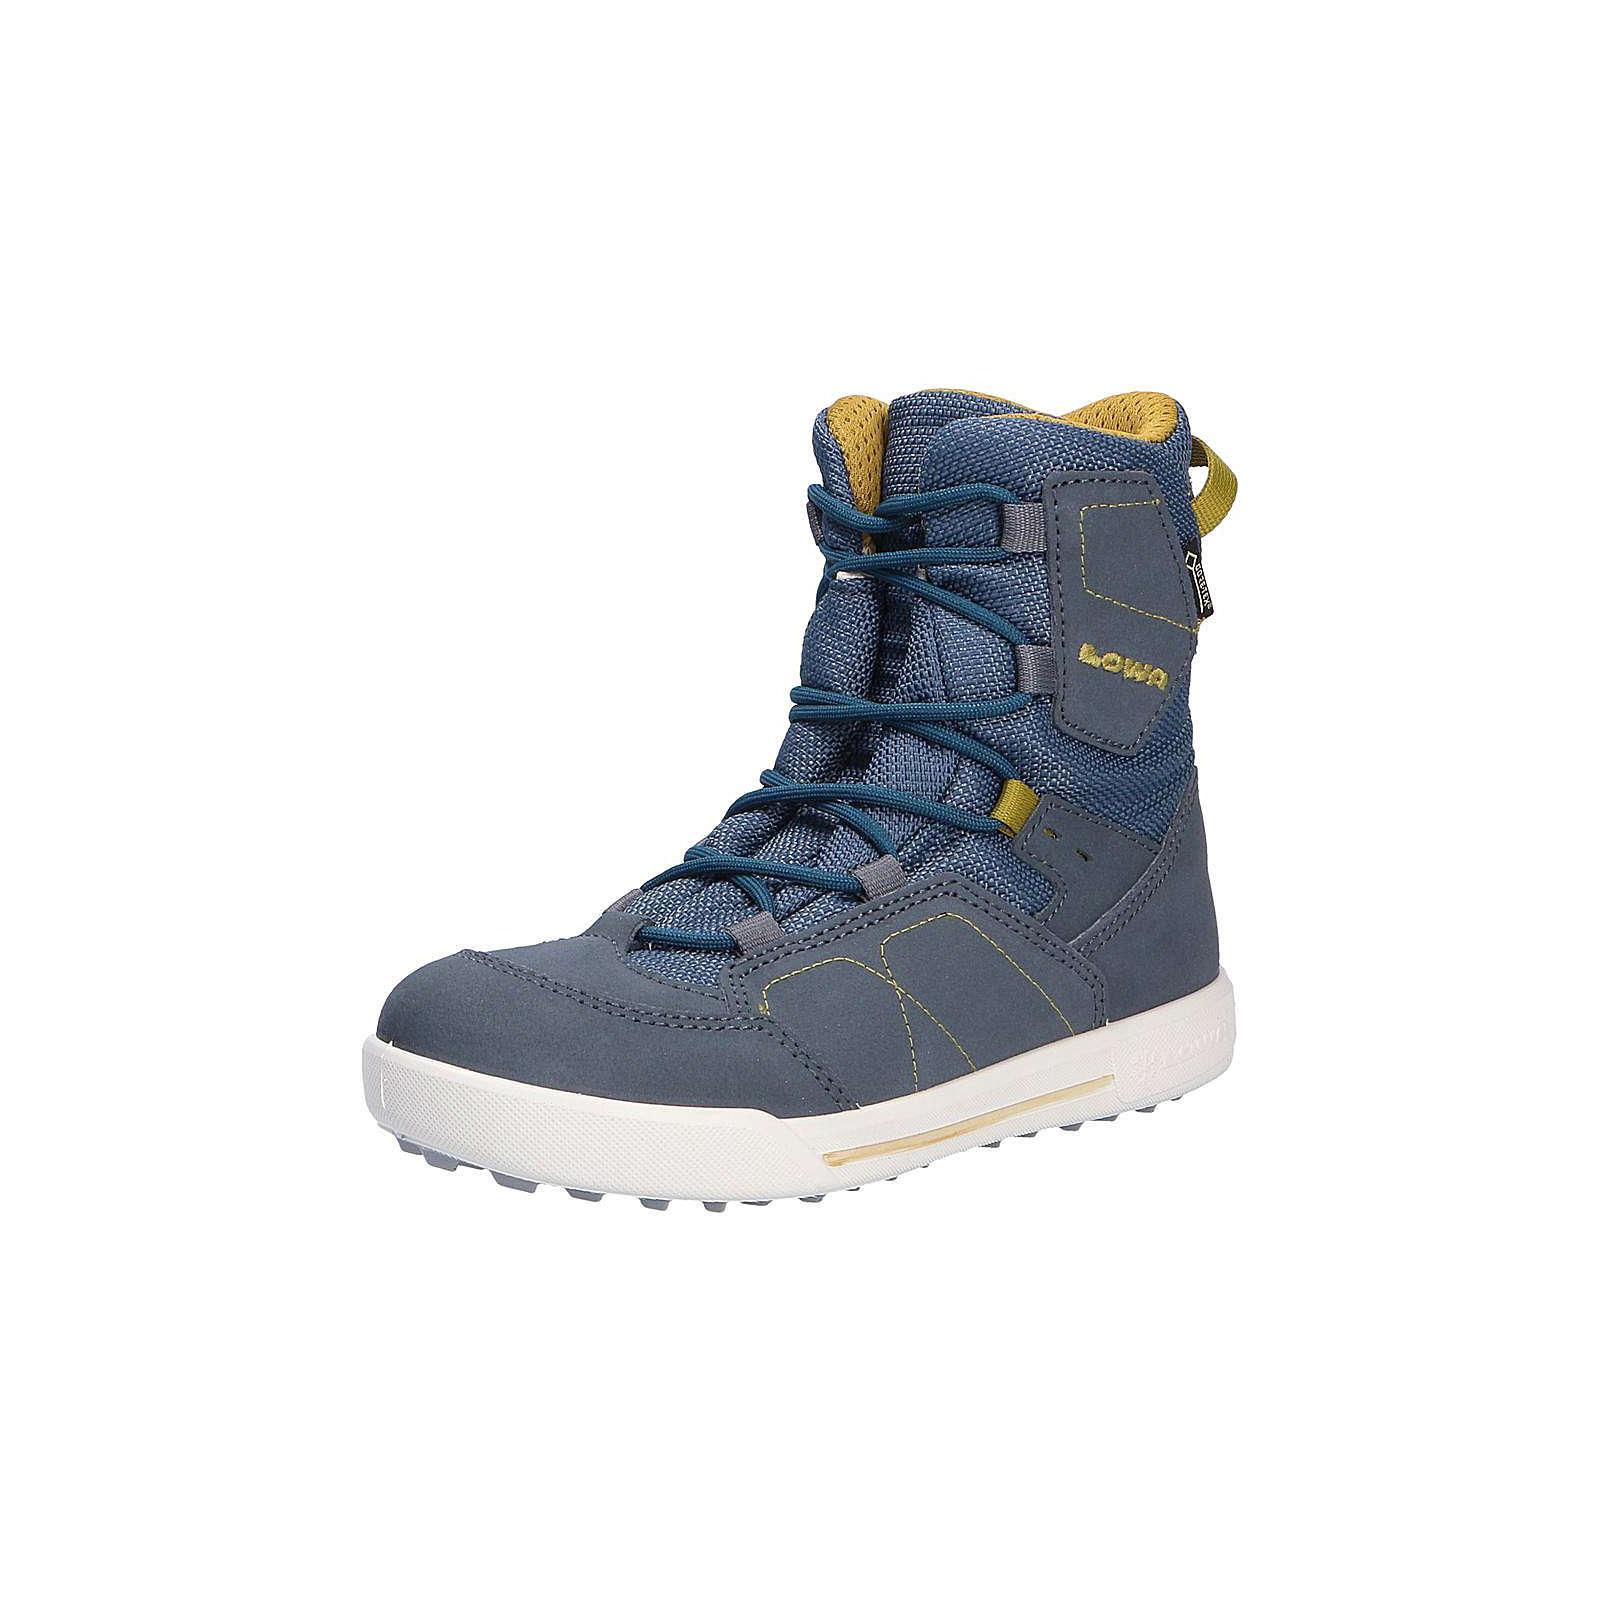 LOWA Stiefel für Jungen blau Junge Gr. 32